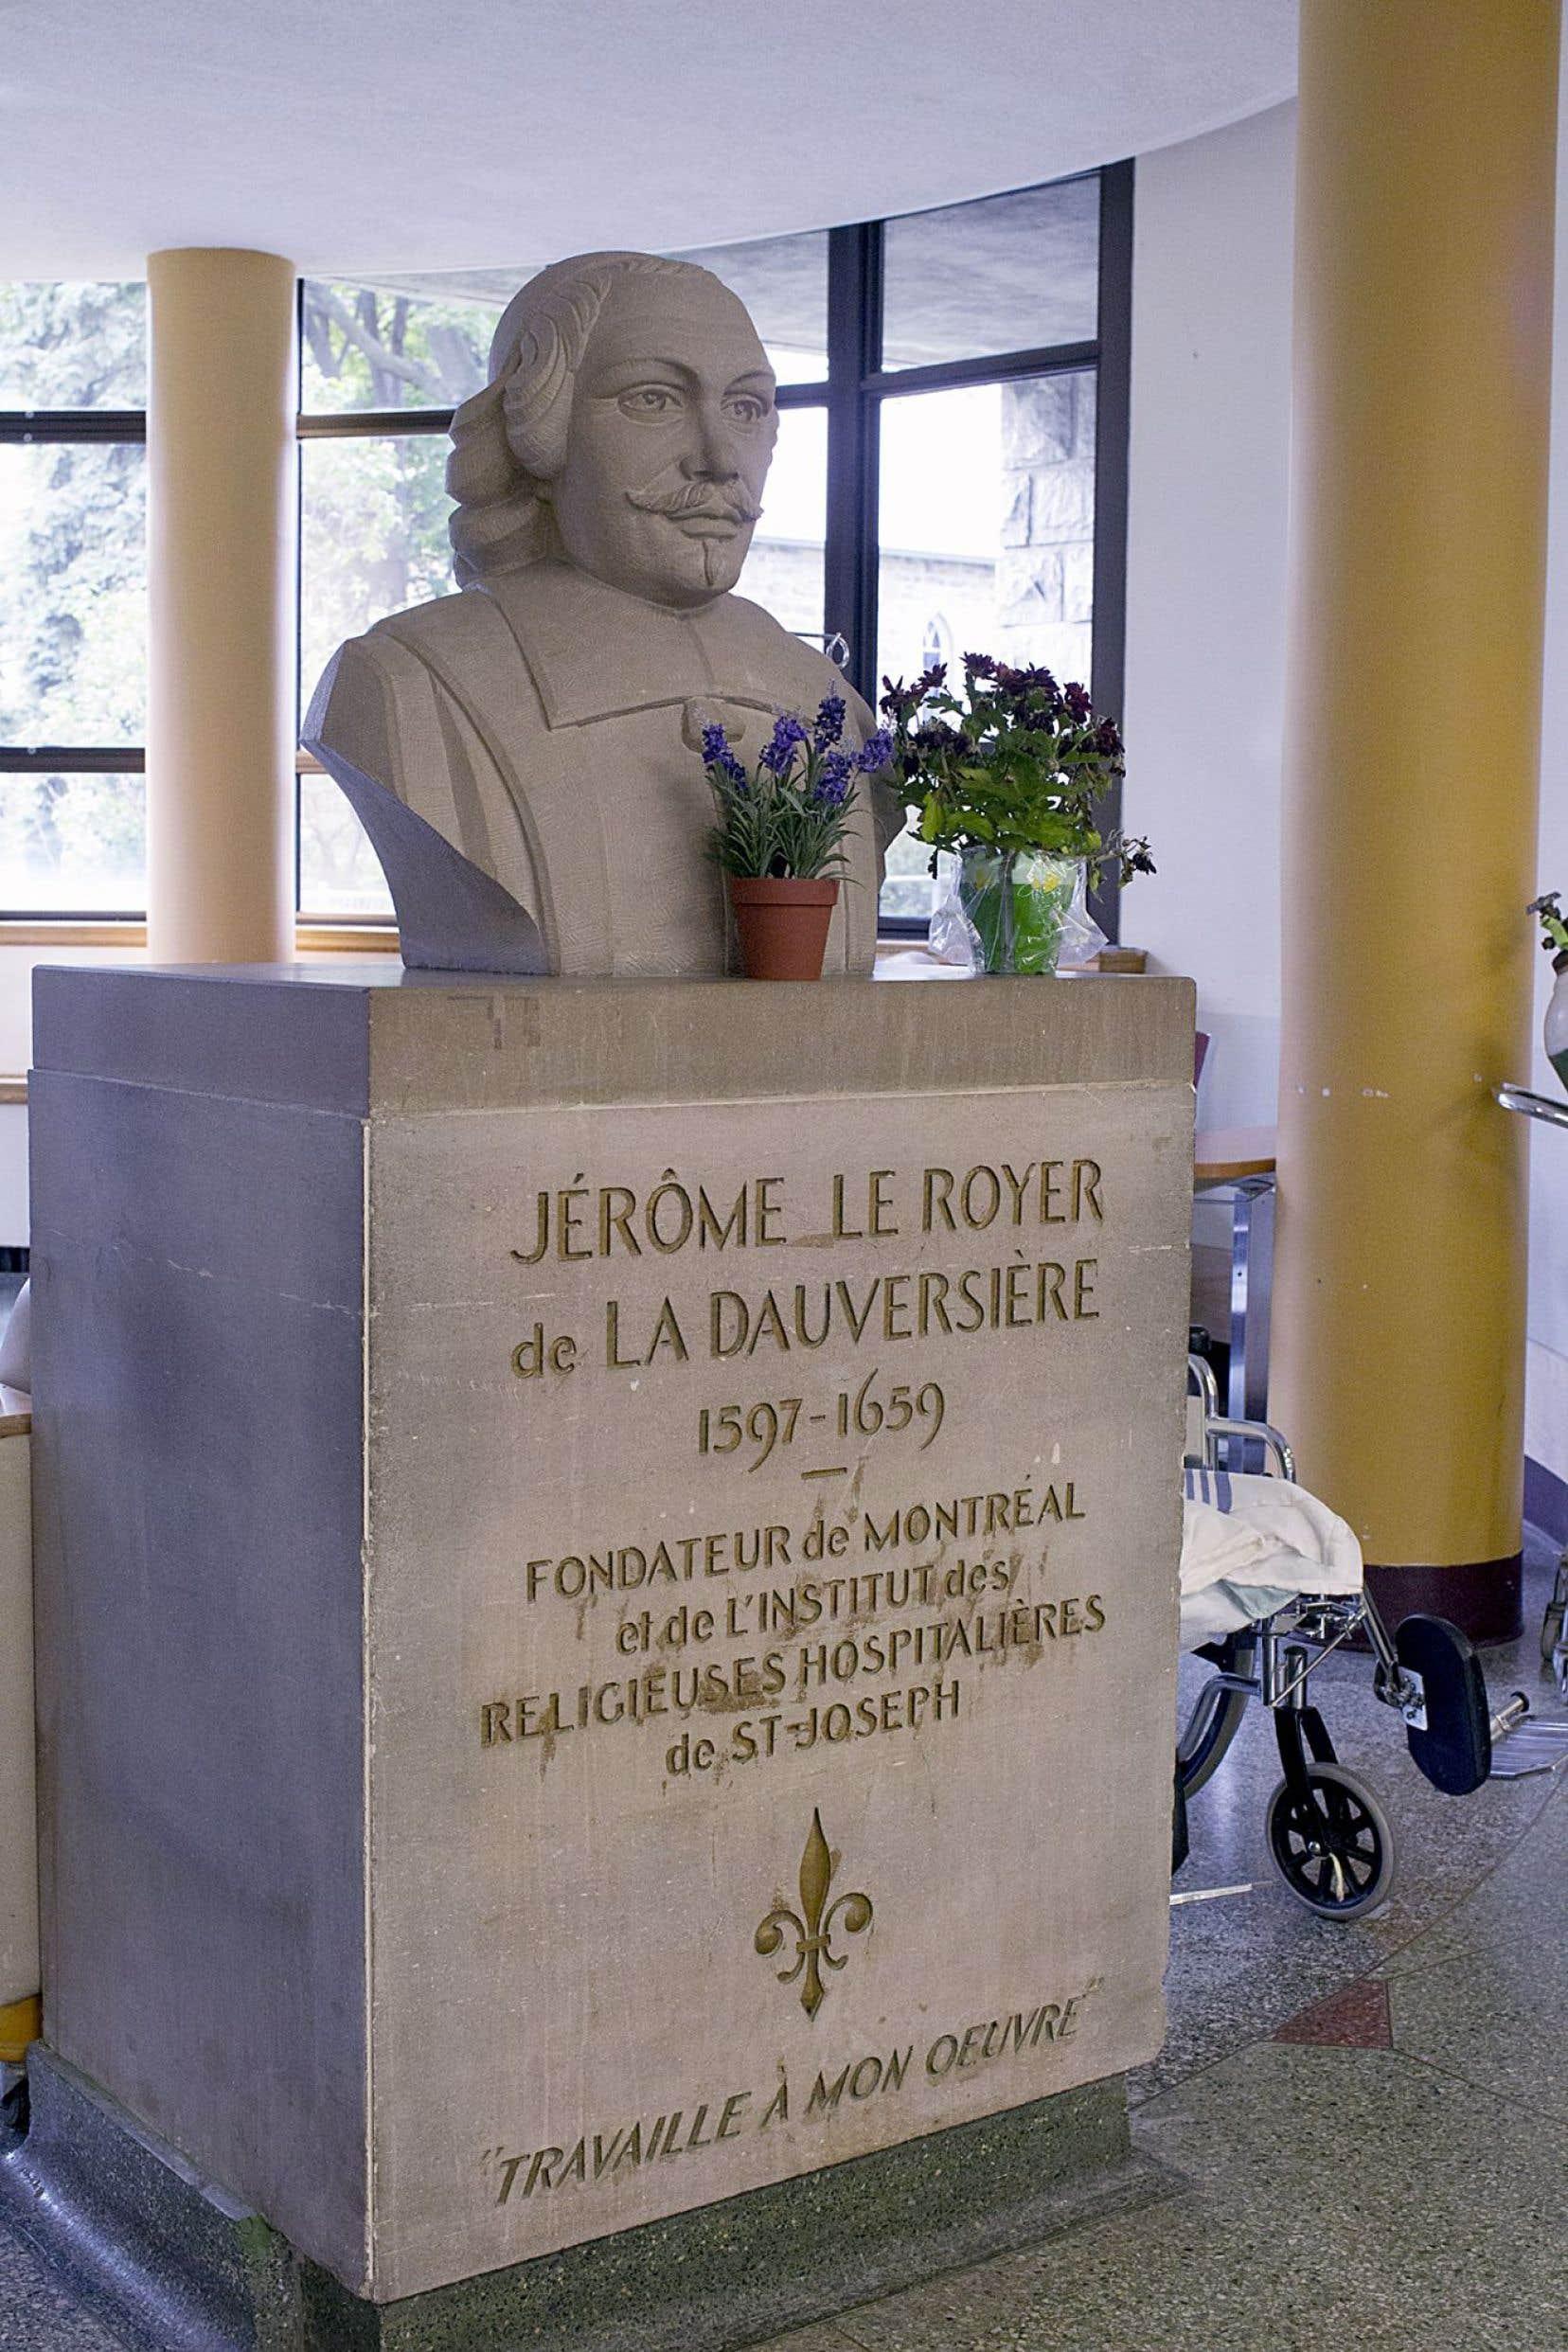 Une statue de Jérôme Le Royer à l'Hôtel-Dieu de Montréal, dont il a fondé l'organisation administratrice, les Hospitalières de La Flèche.